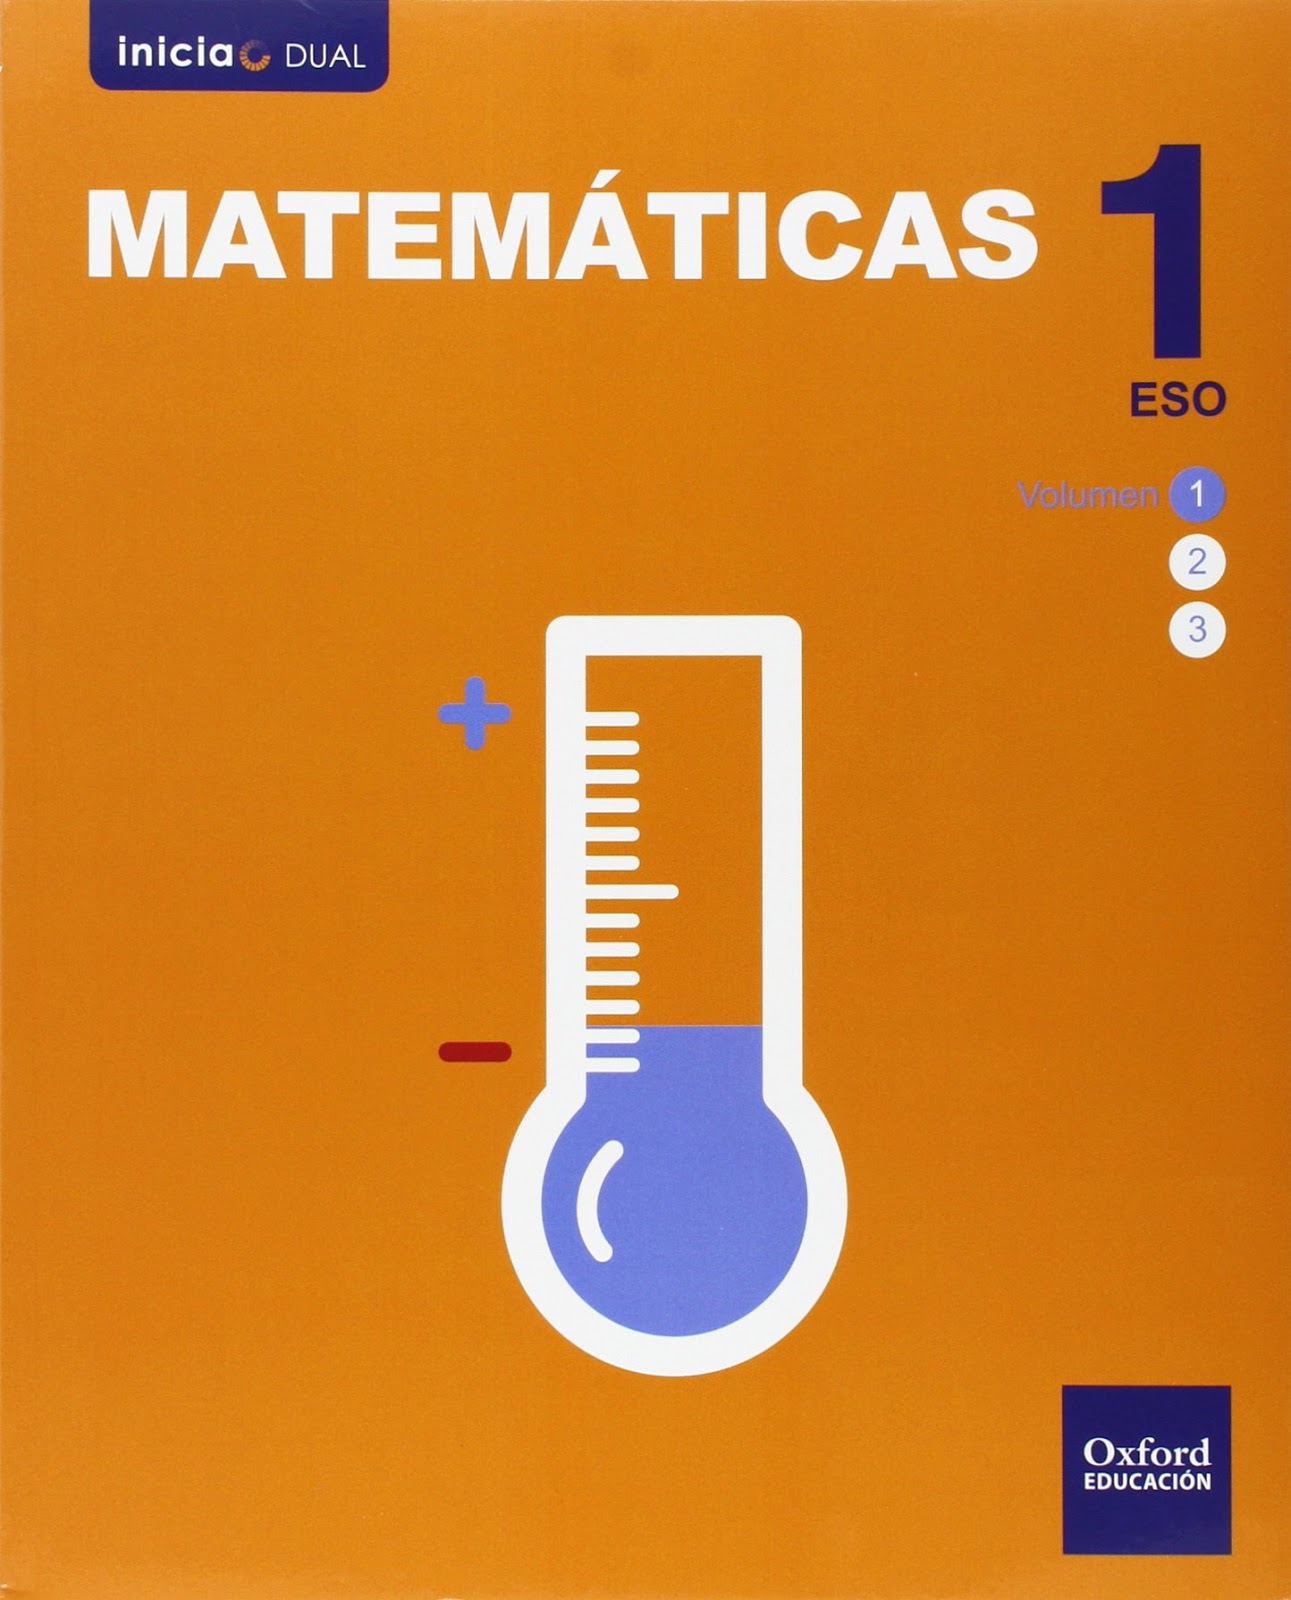 Matemáticas 1 ESO Oxford Soluciones 2020 / 2021